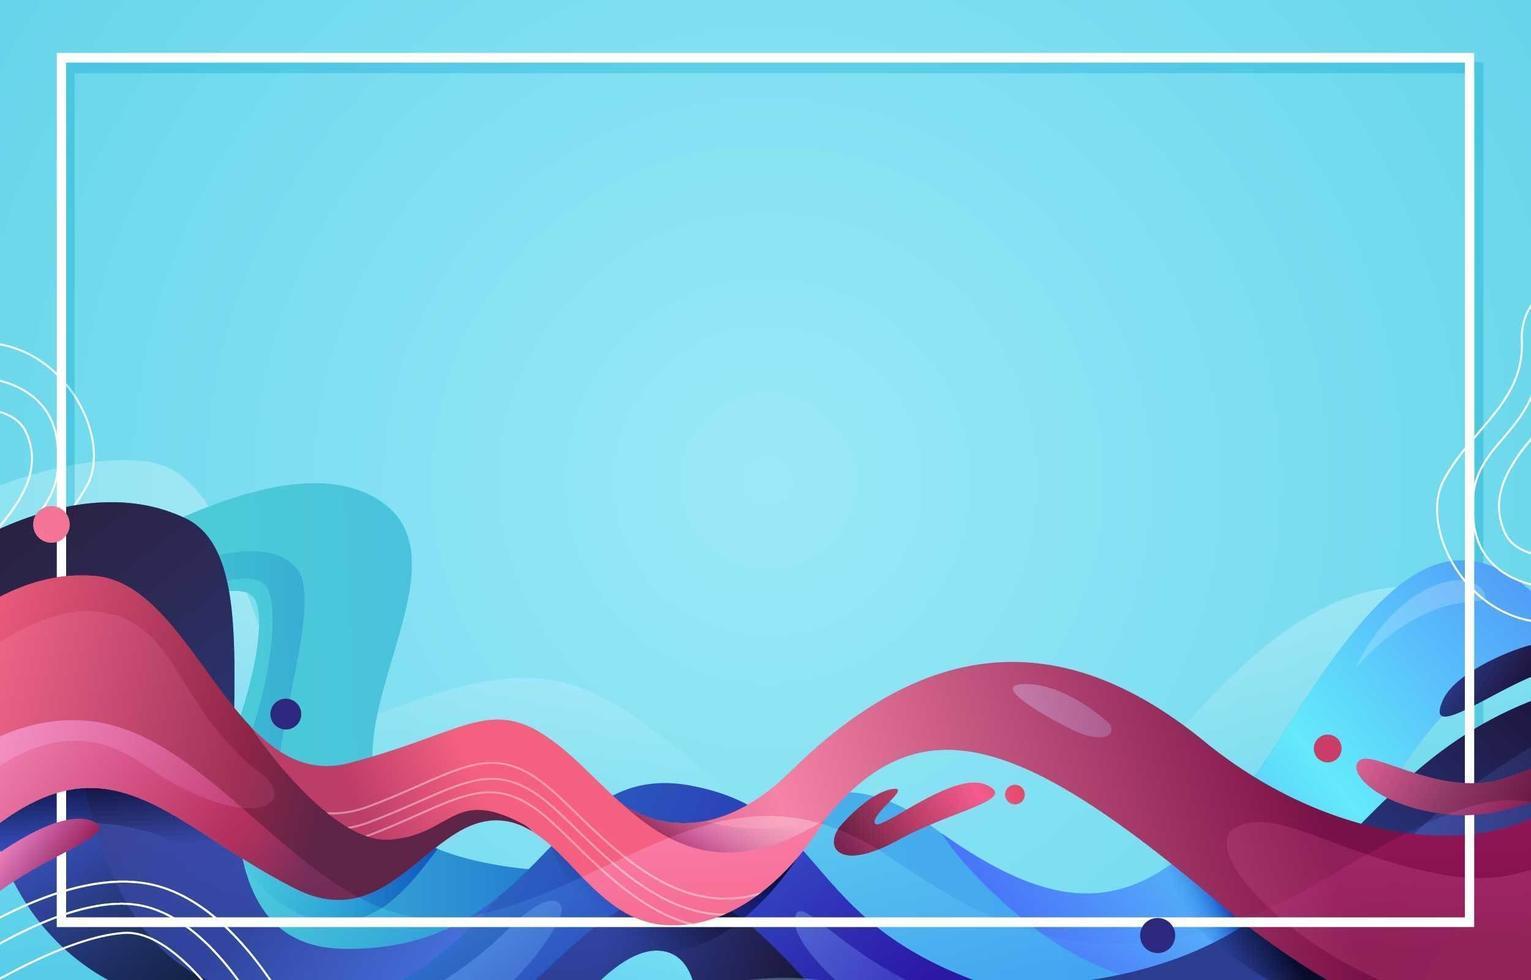 fond abstrait liquide avec une nuance rose et bleue vecteur